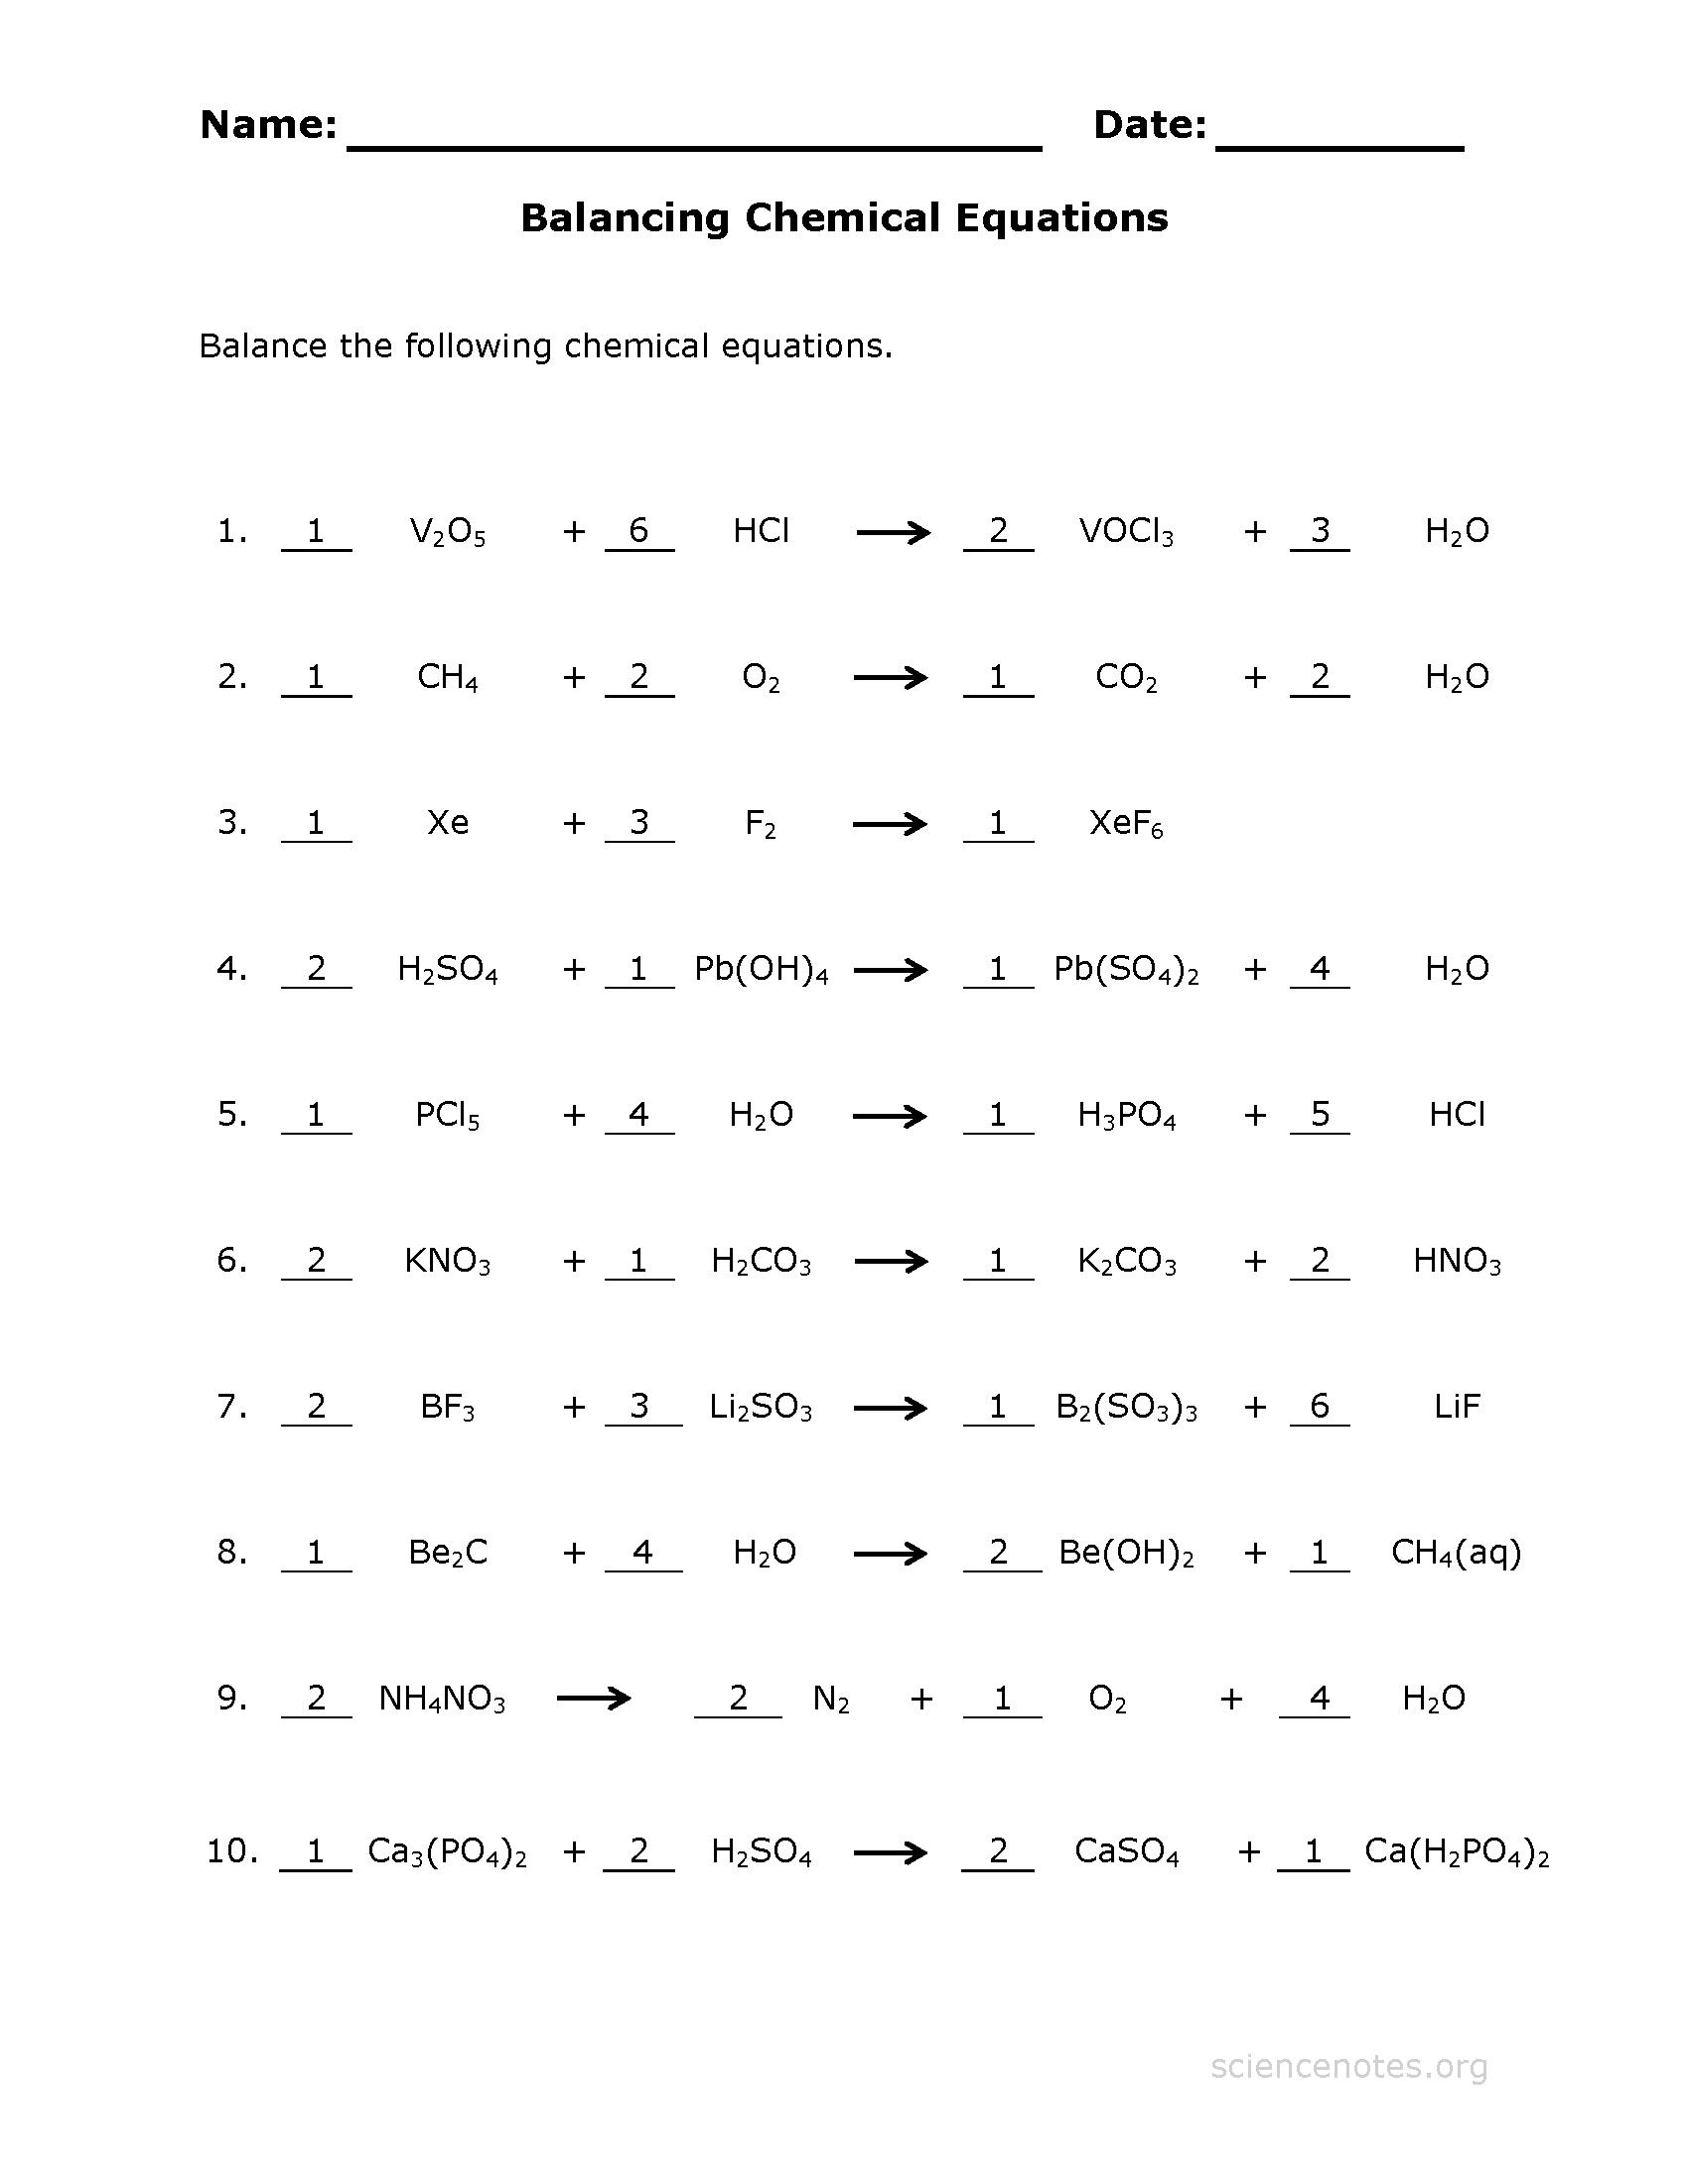 Balancing Equations Worksheet 1 Answer Key